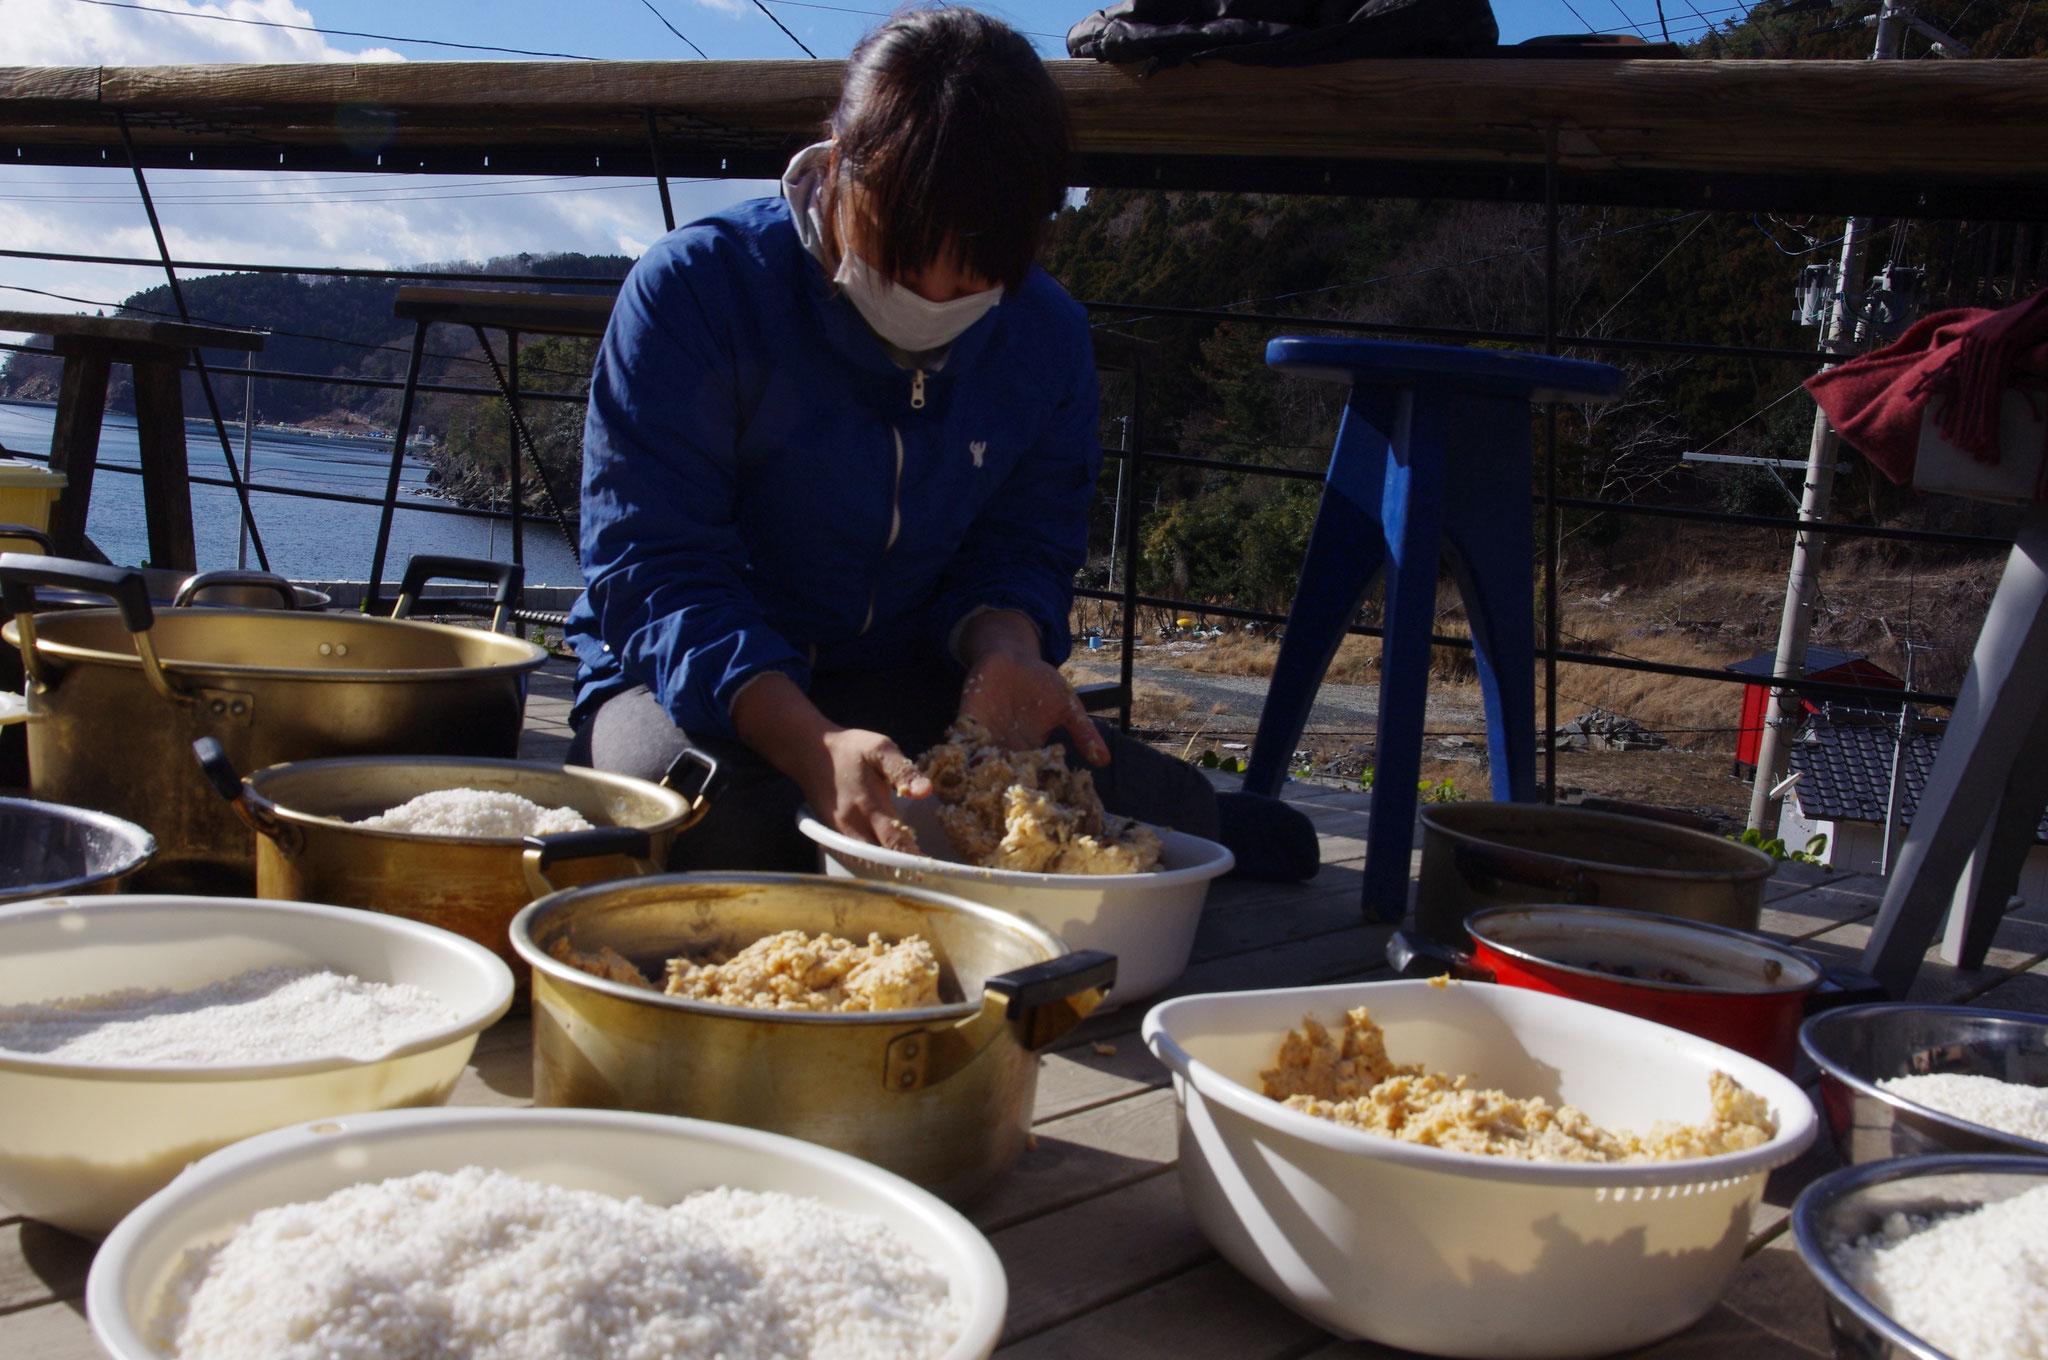 つぶし終えた大豆のペーストと、色とりどりのお豆、豆の煮汁、米麹、塩をすべて手でよく混ぜあわせていきます。